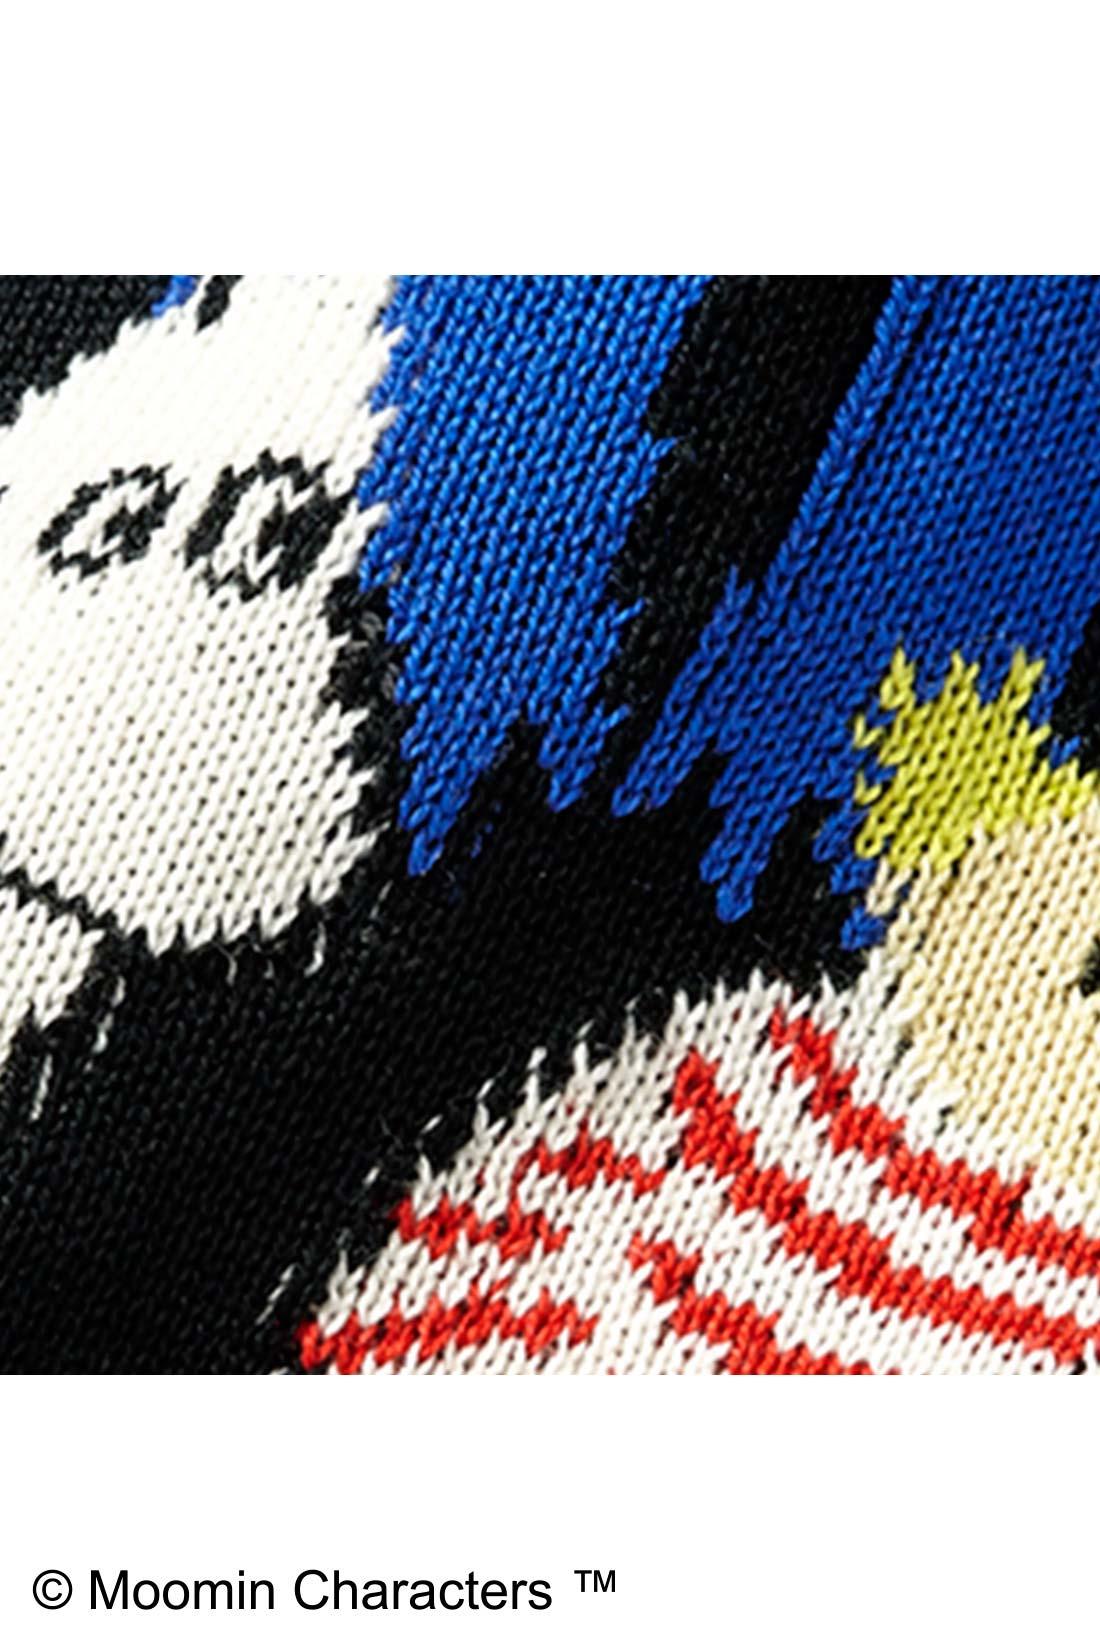 肌ざわりのよい綿混素材。ムーミンとトゥーティッキ(おしゃまさん)が歩く姿をジャカード編みで表現。